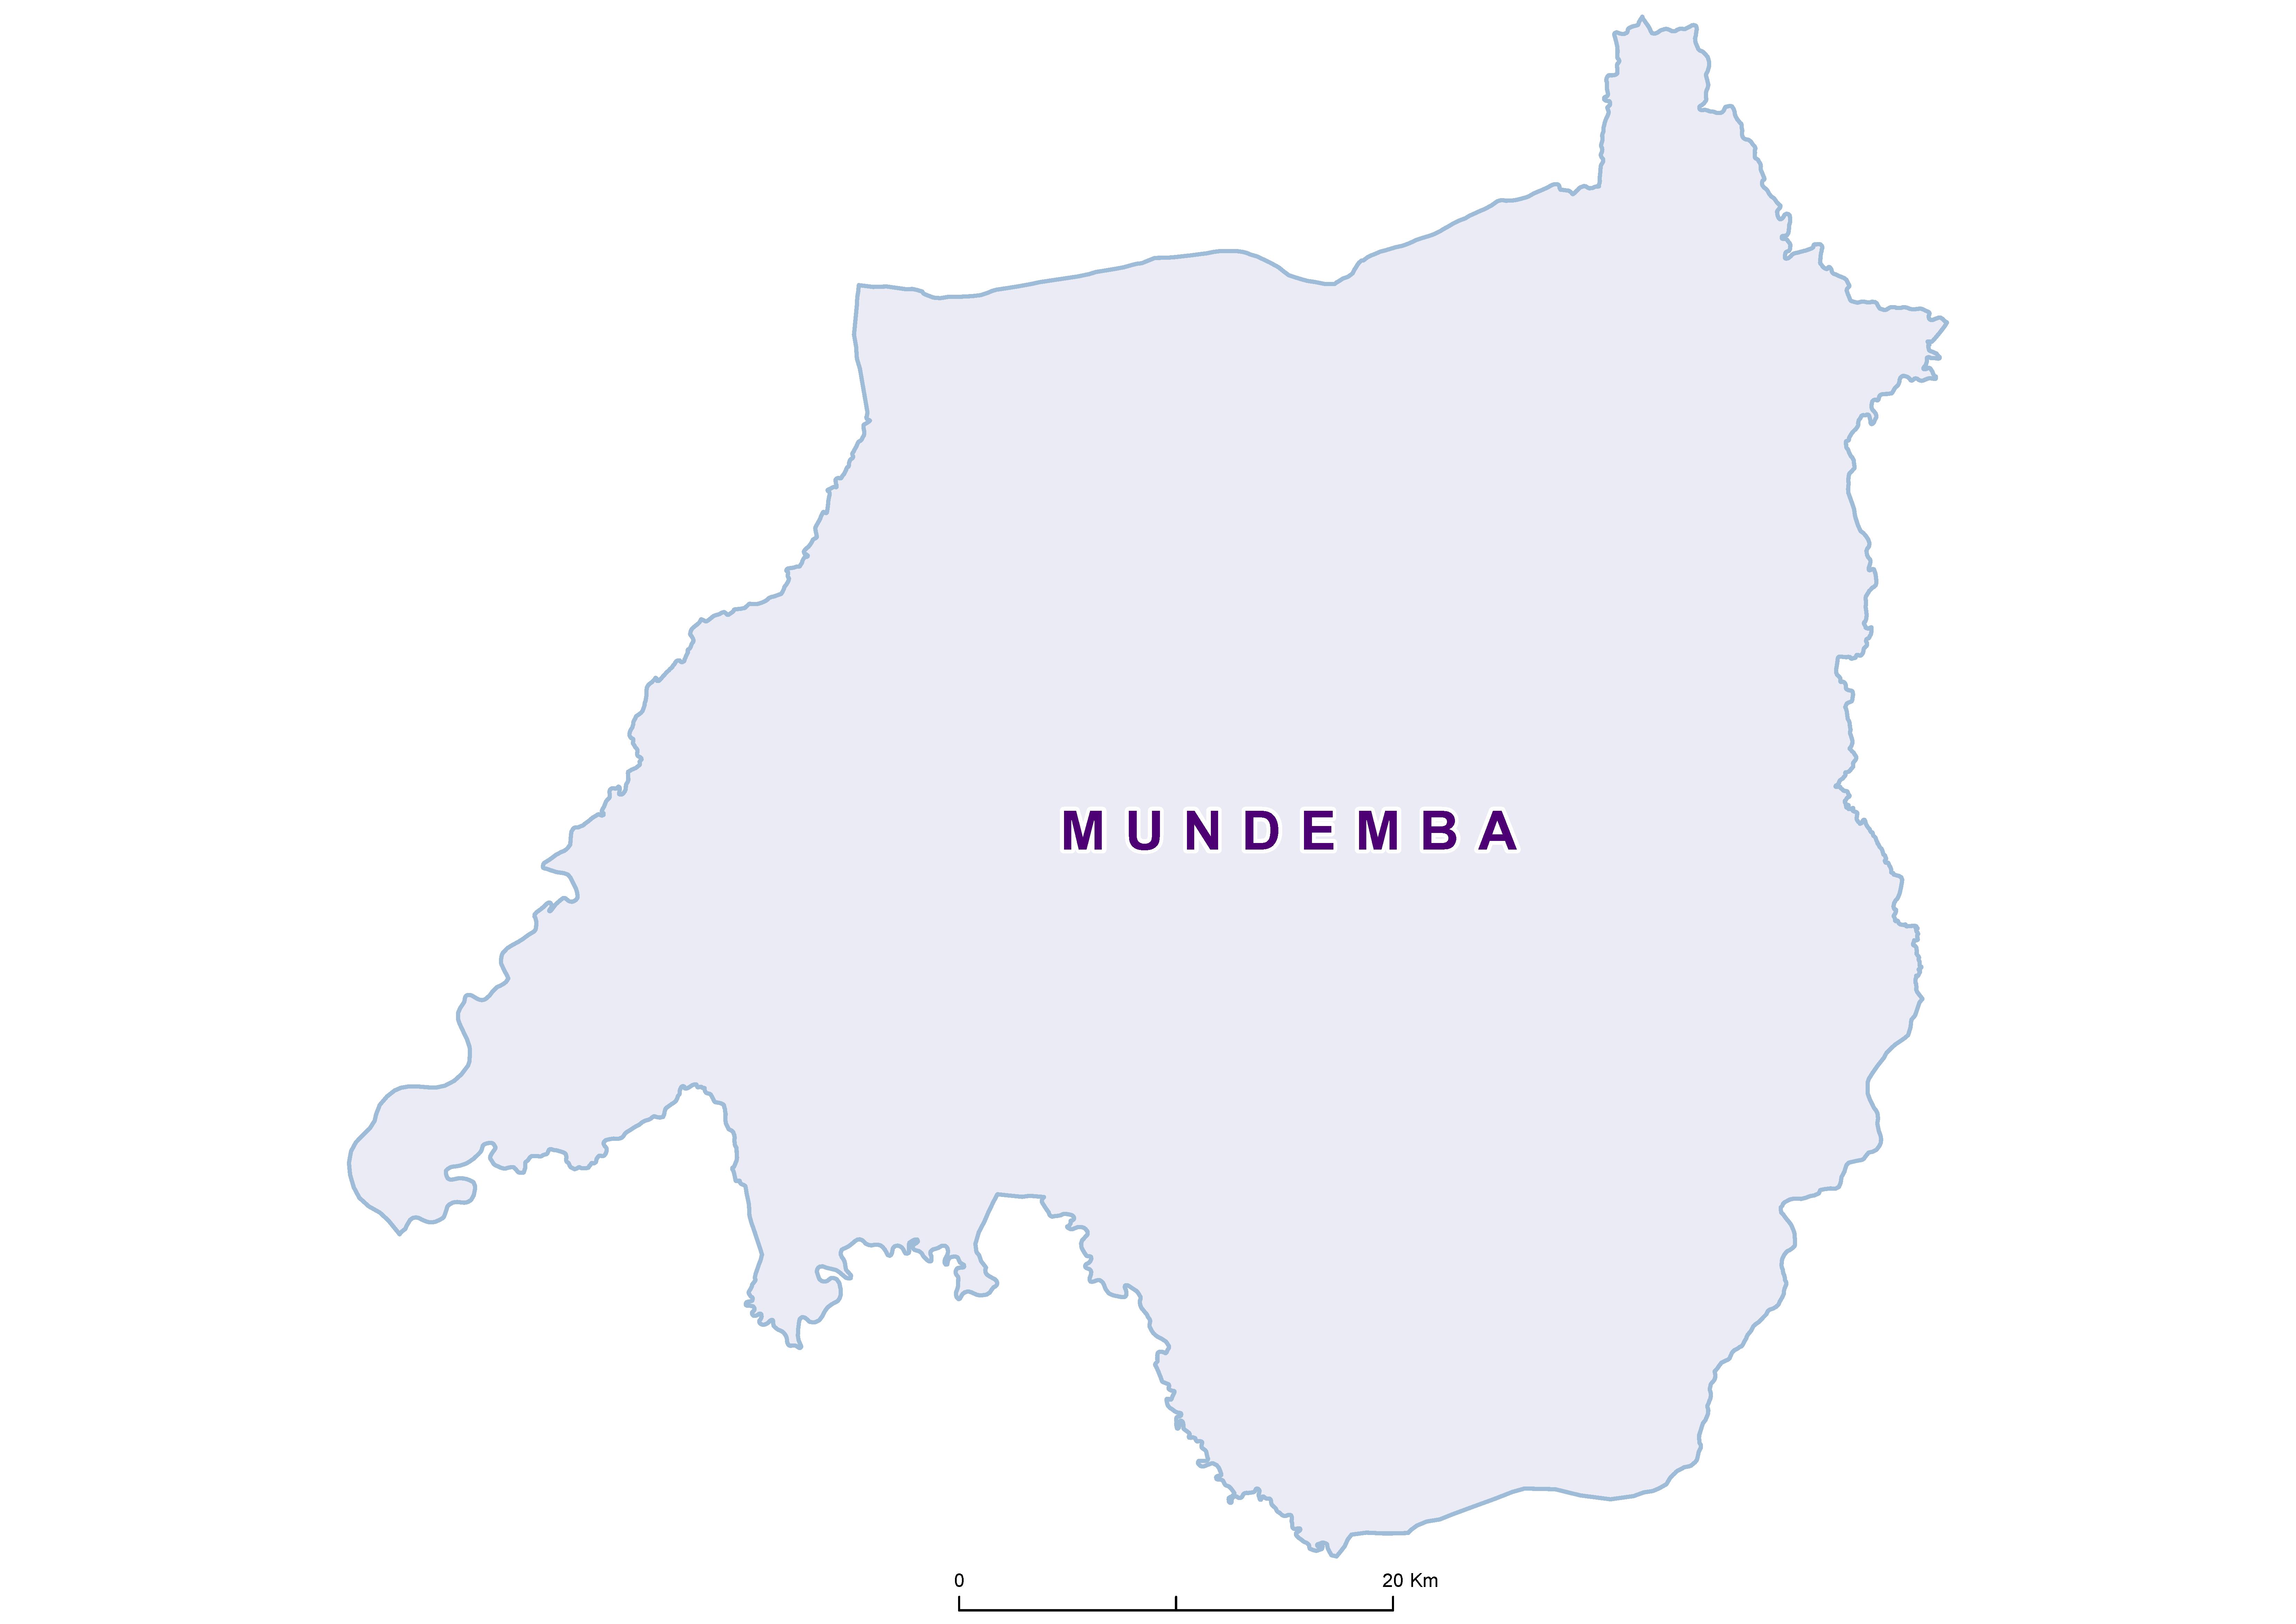 Mundemba Mean SCH 20180001